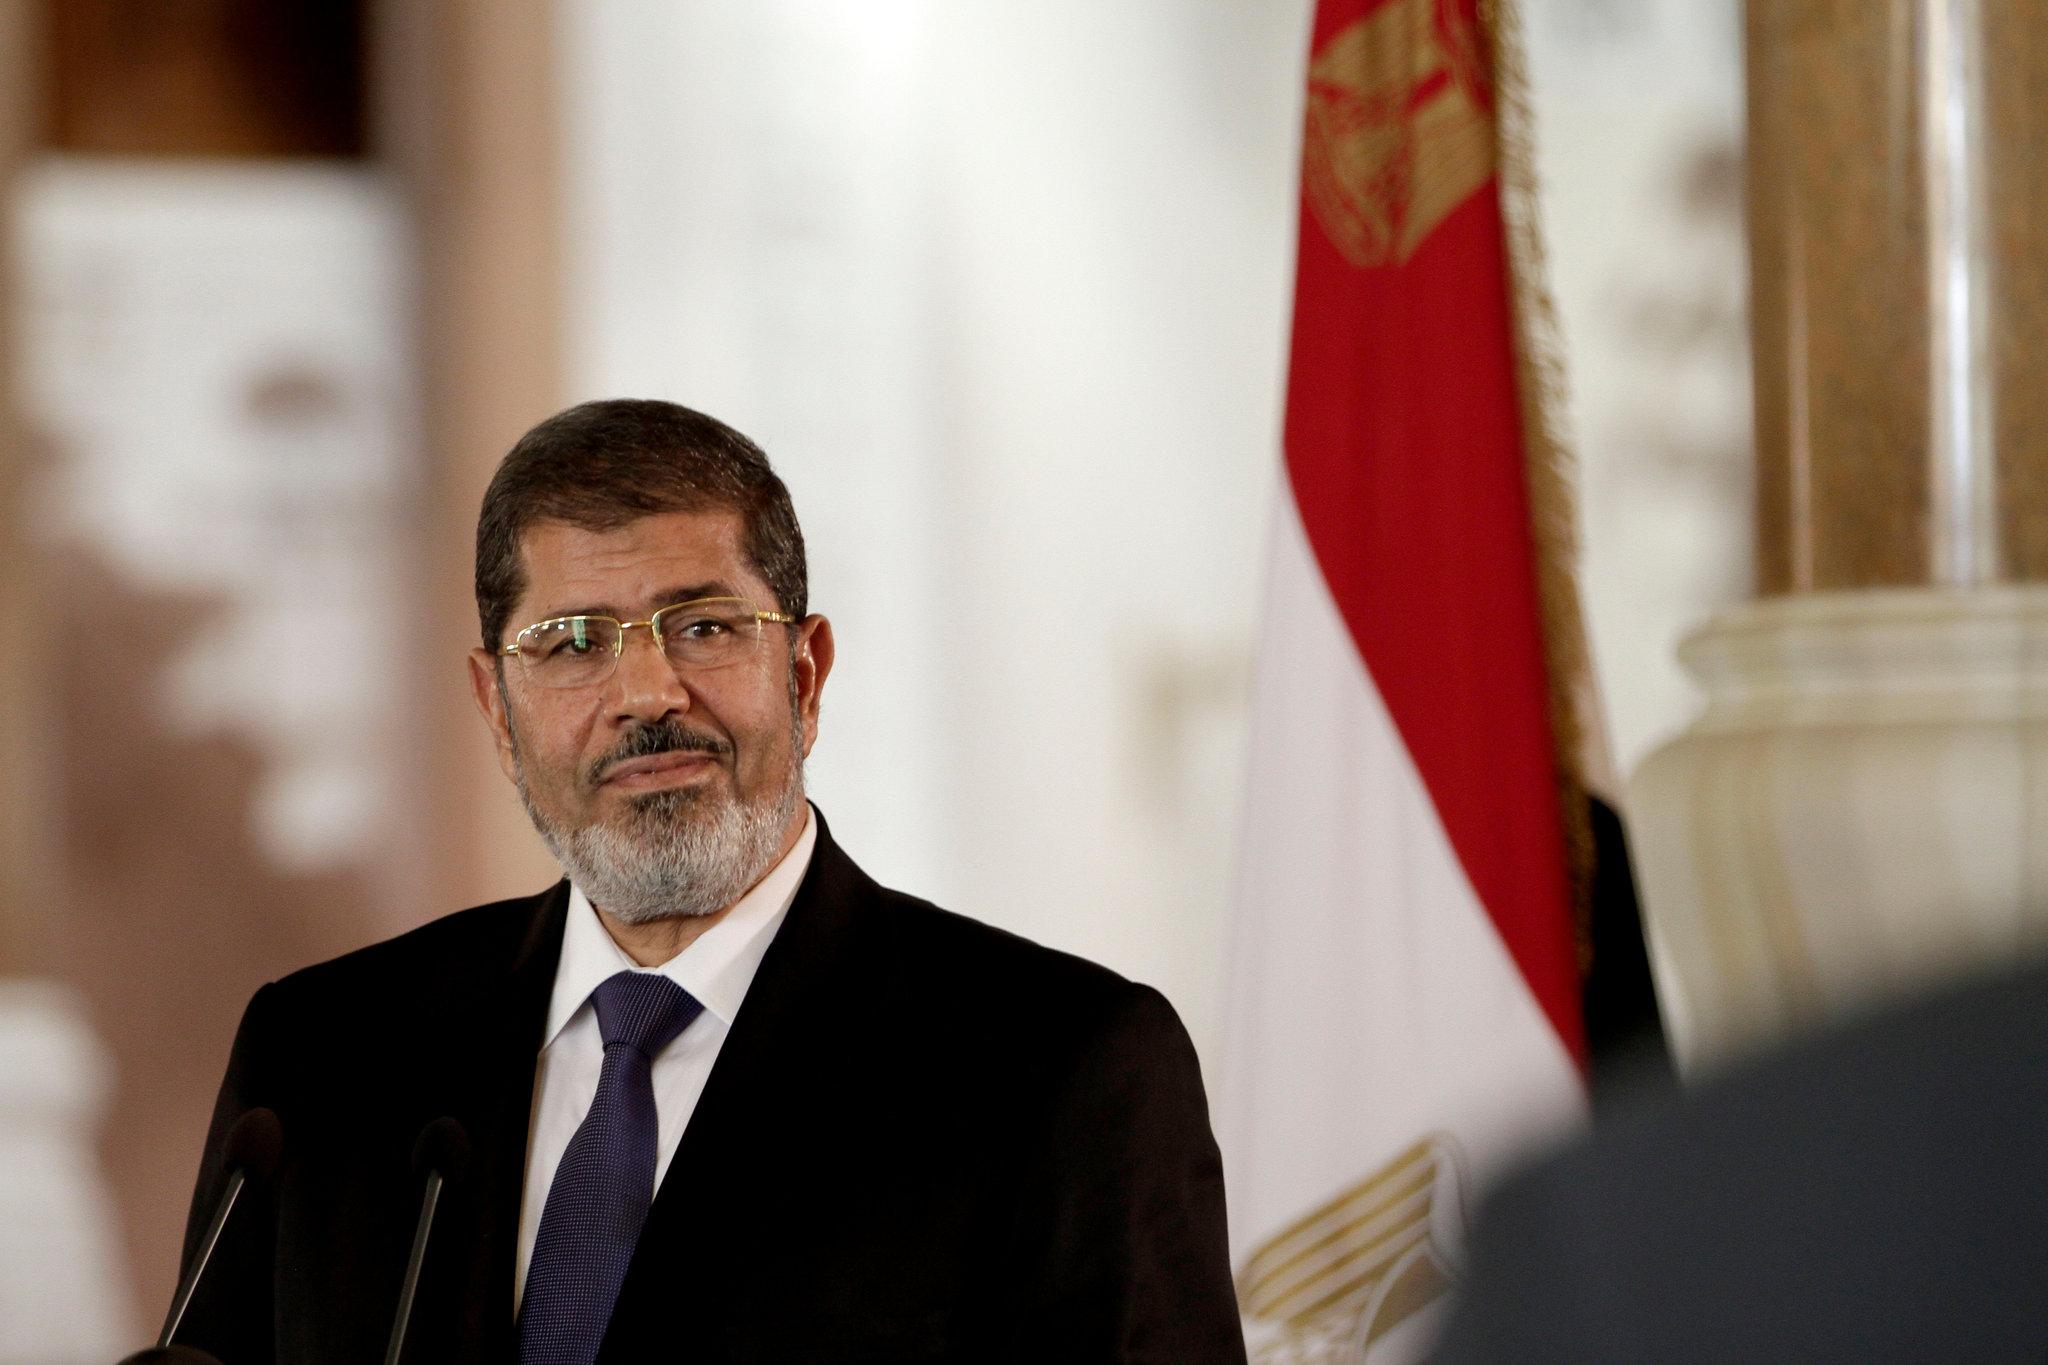 Mohammed Morsi, President of Egypt